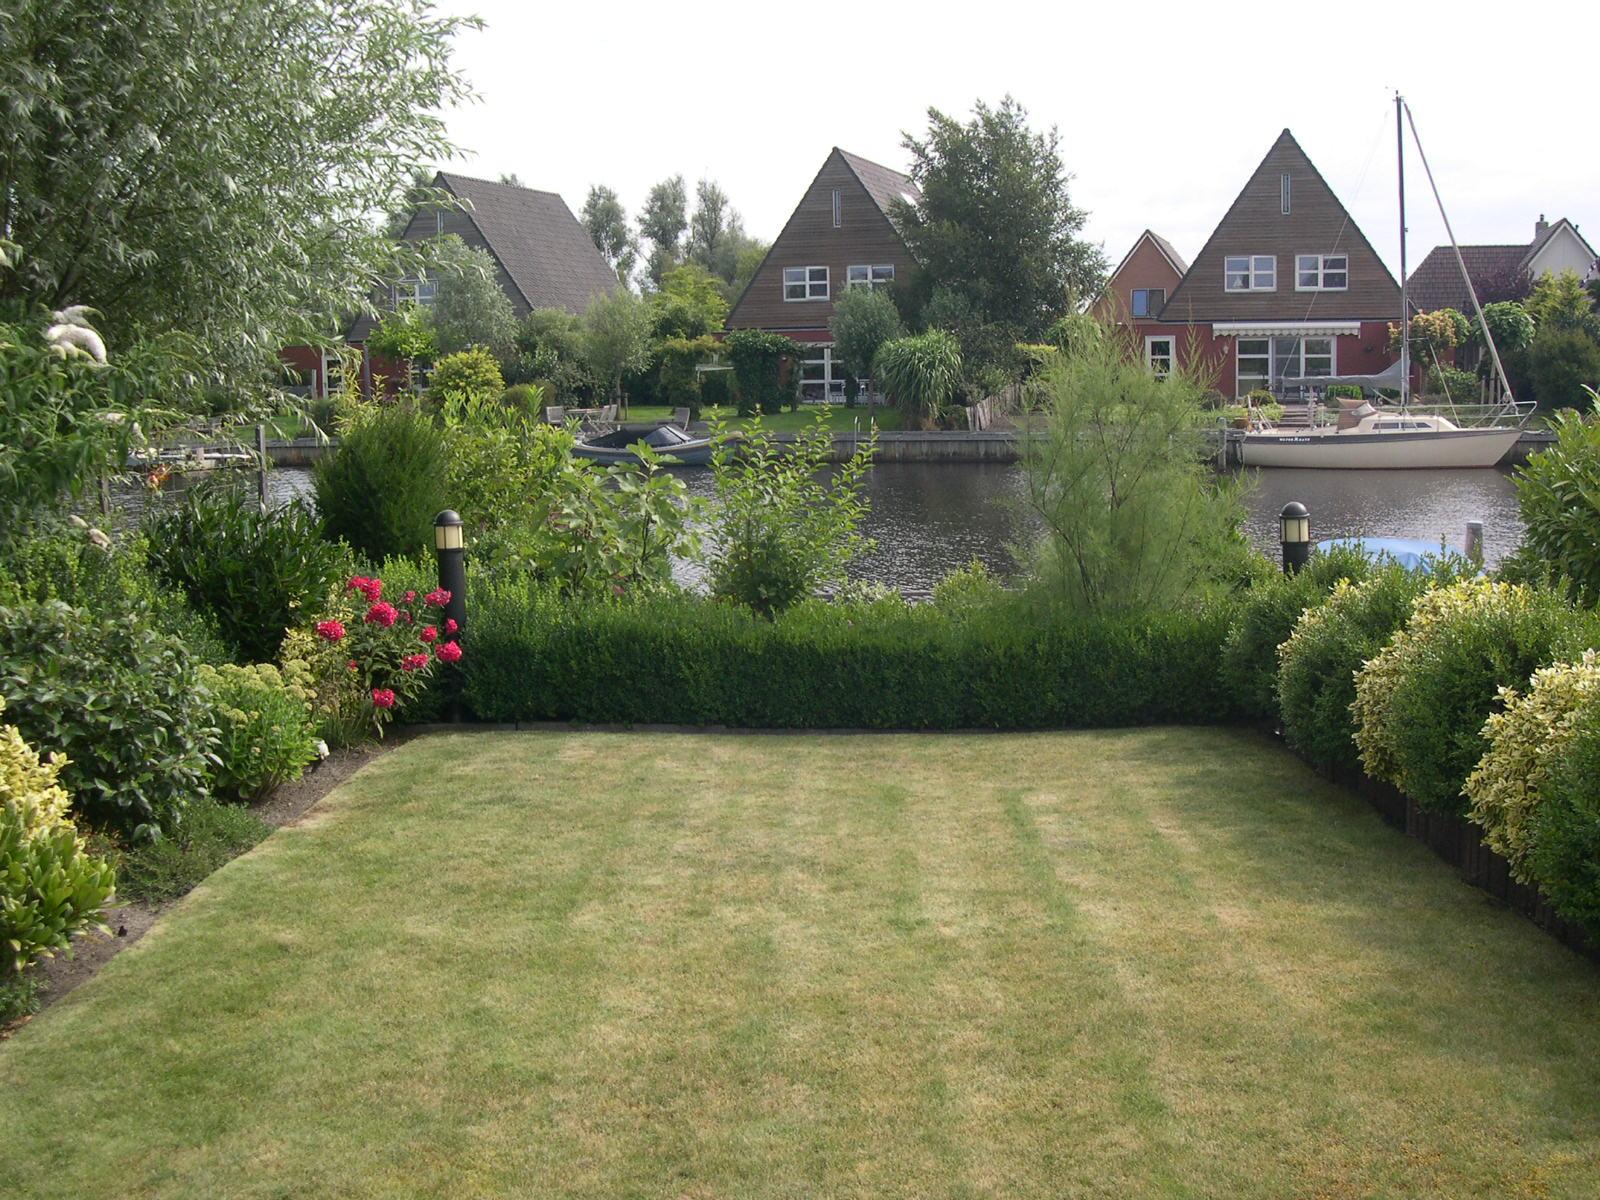 Onderhoudsvriendelijke Tuin Aanleggen : Naar een onderhoudsvriendelijke tuin tuinfoto s ter inspiratie